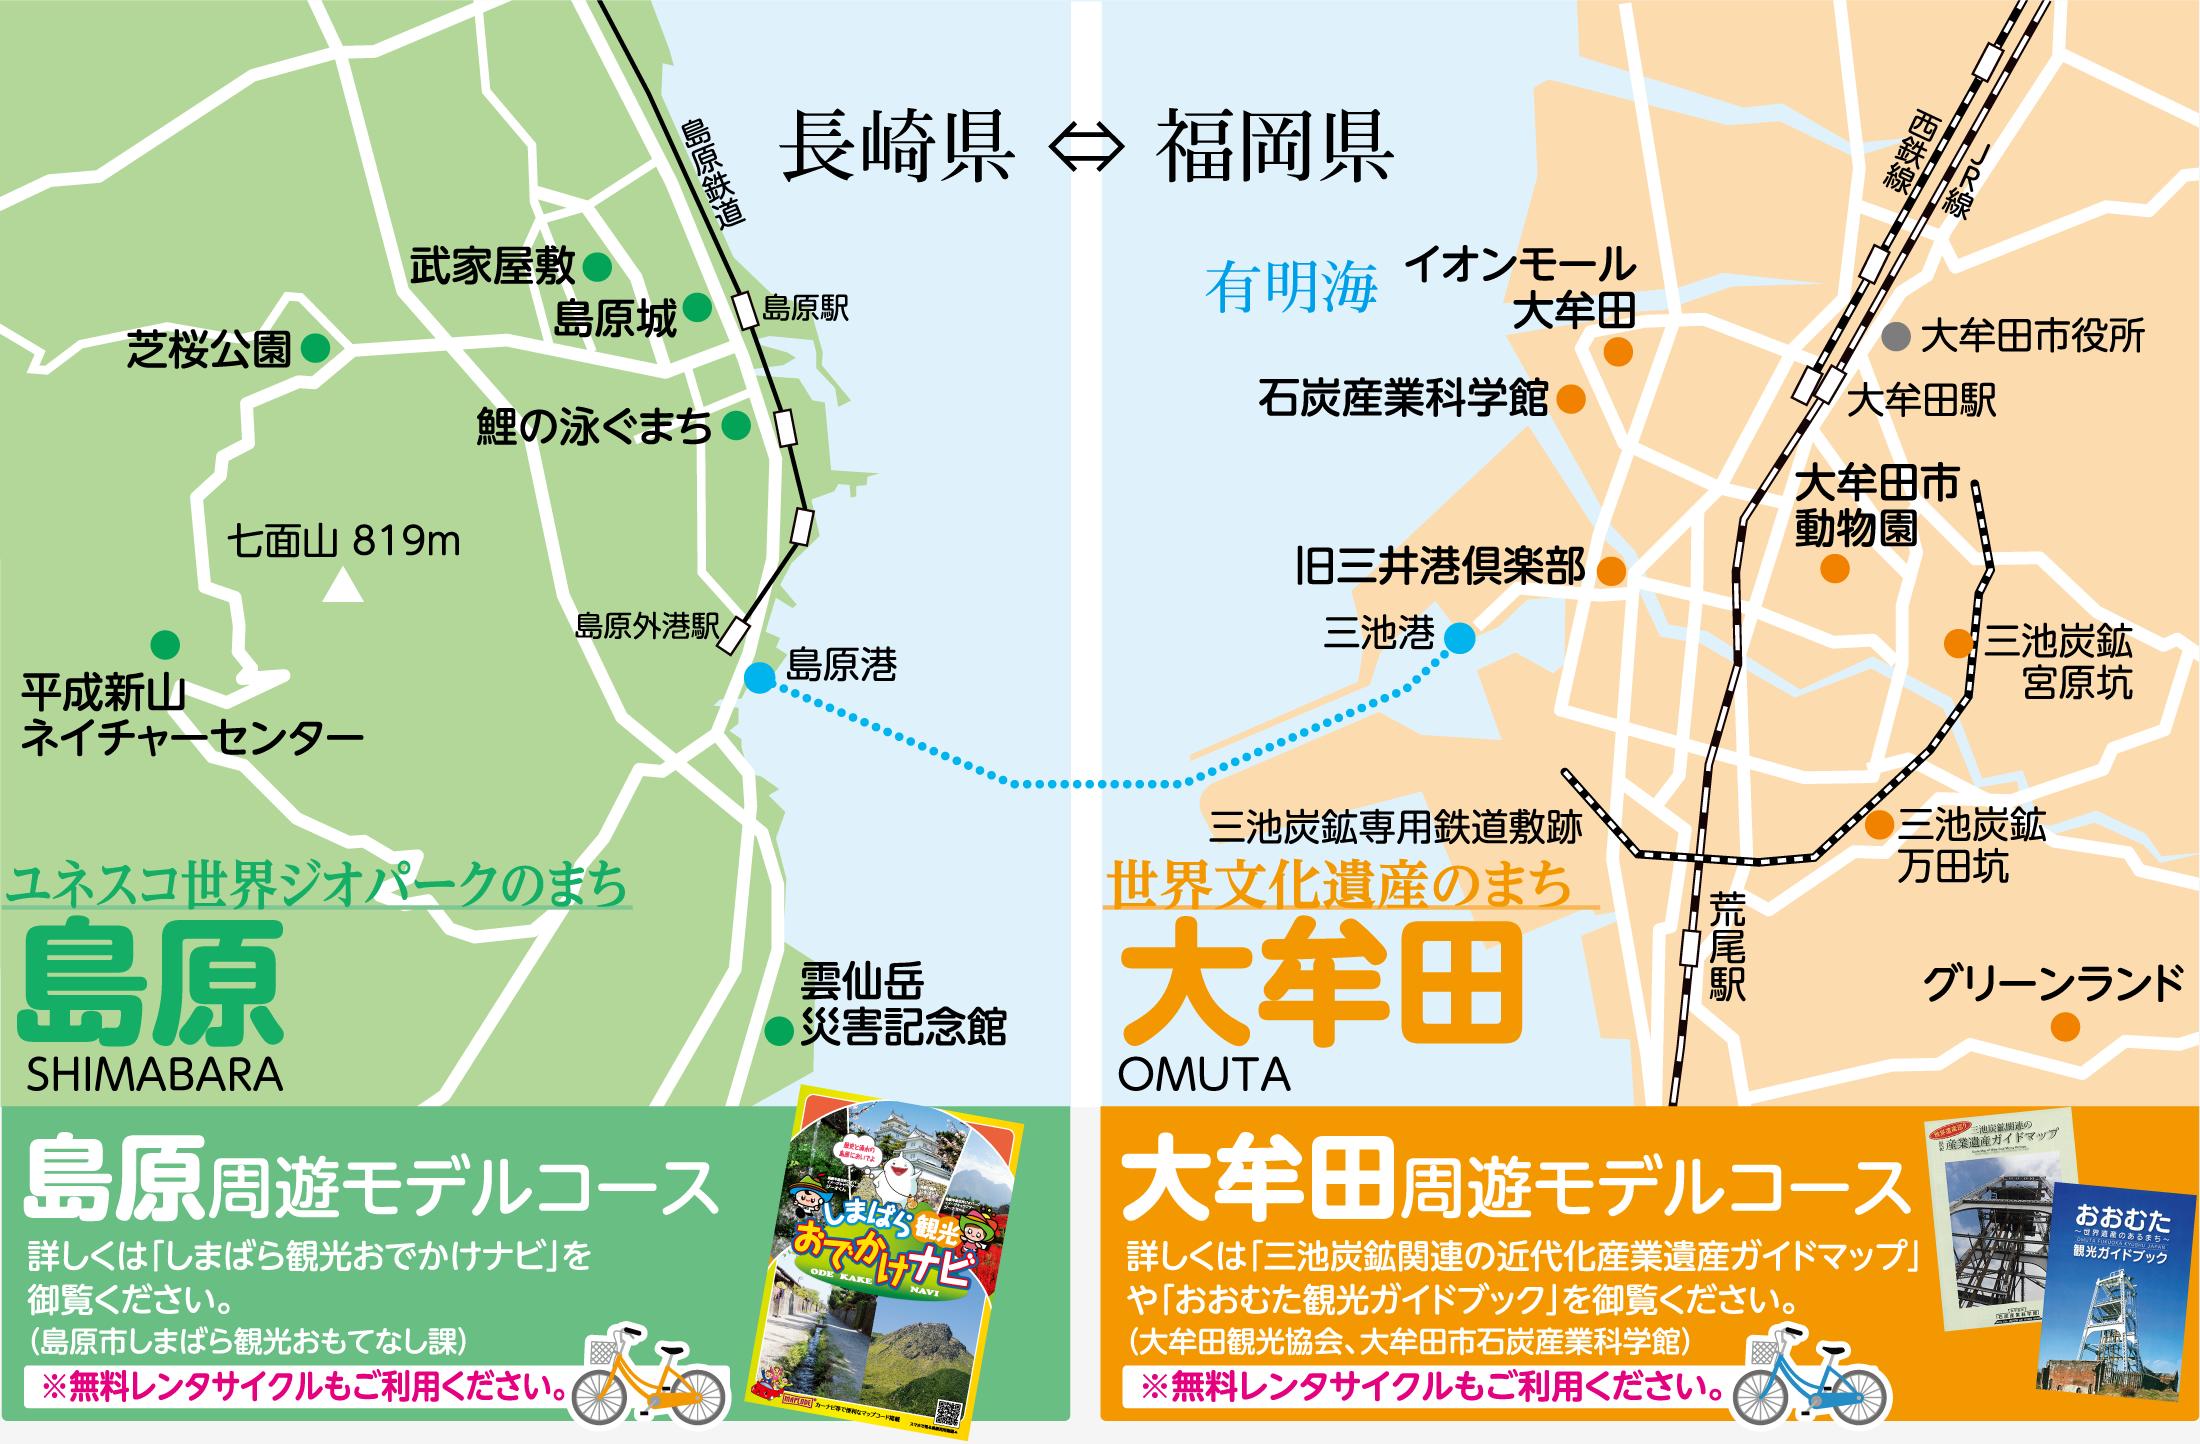 島原・大牟田 周回モデルコース マップ